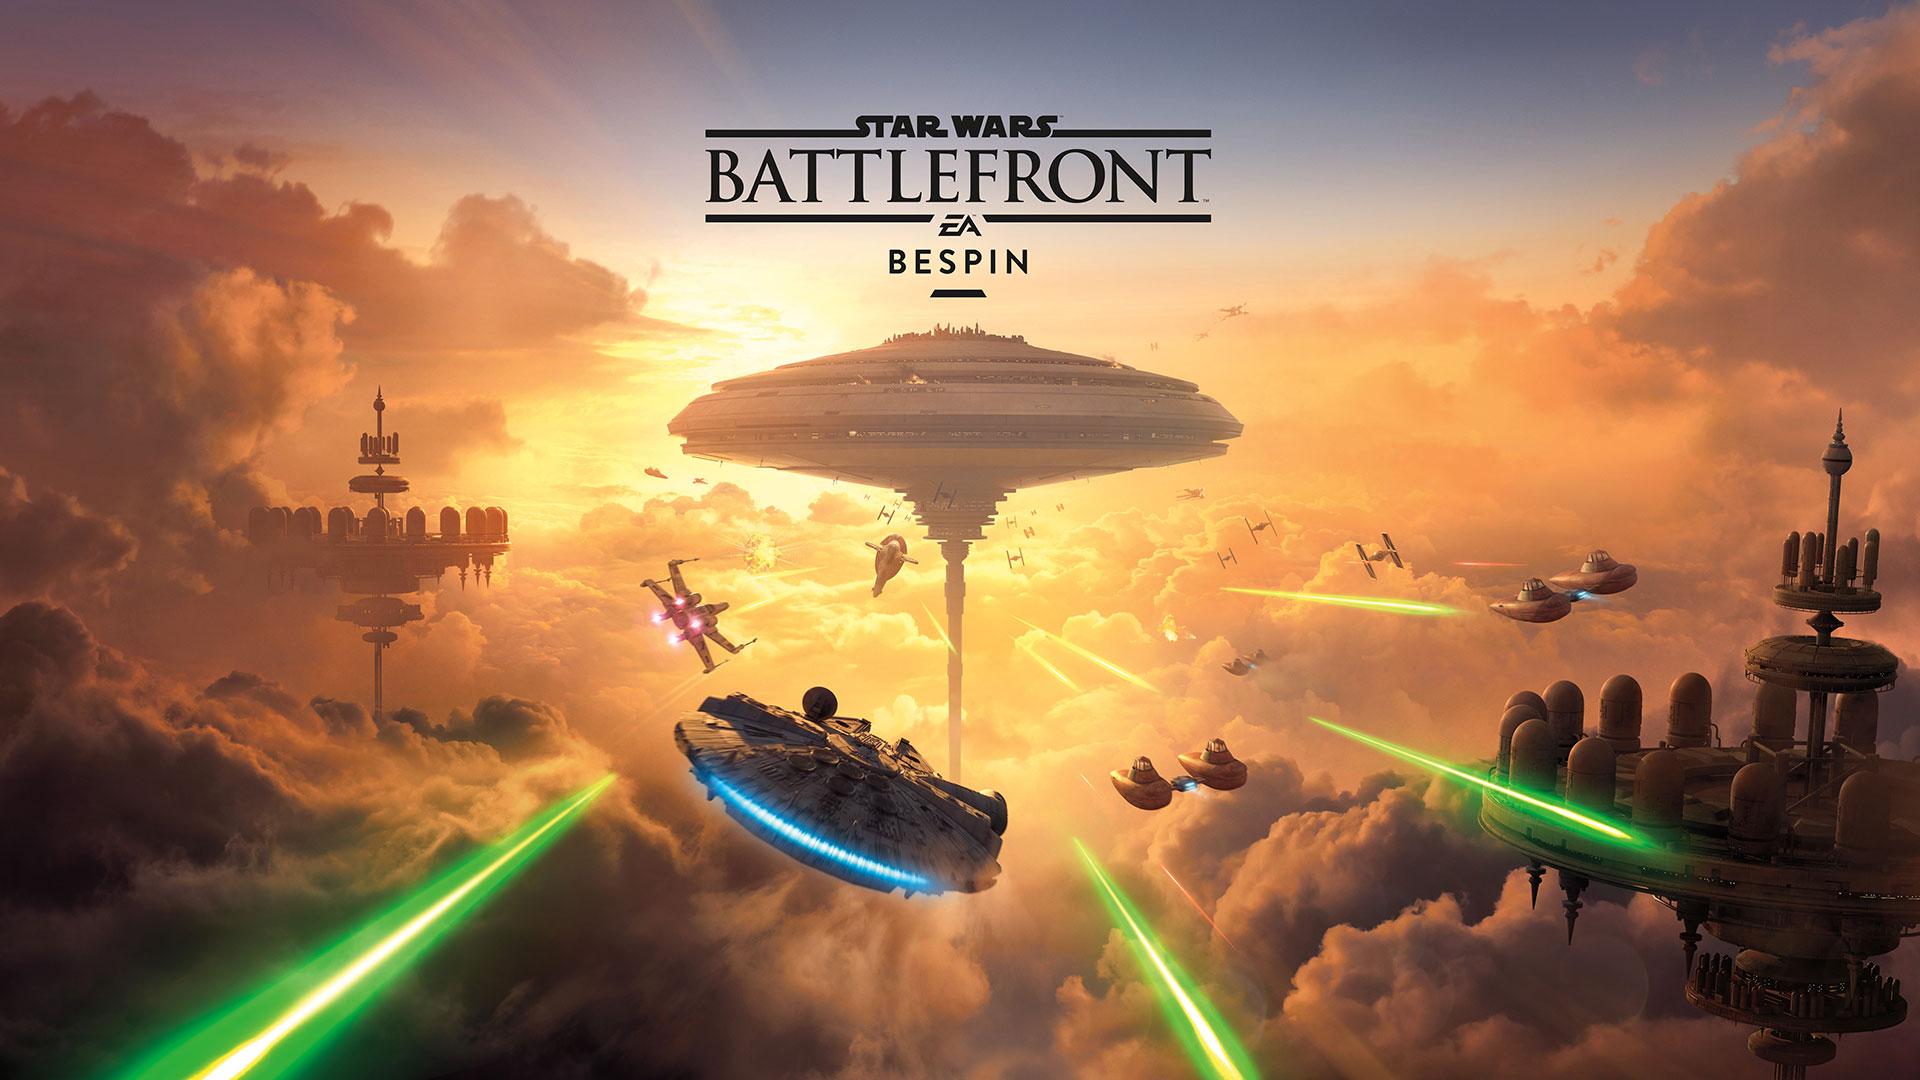 Star Wars Battlefront Bespin Dlc Launching June 21 Vg247